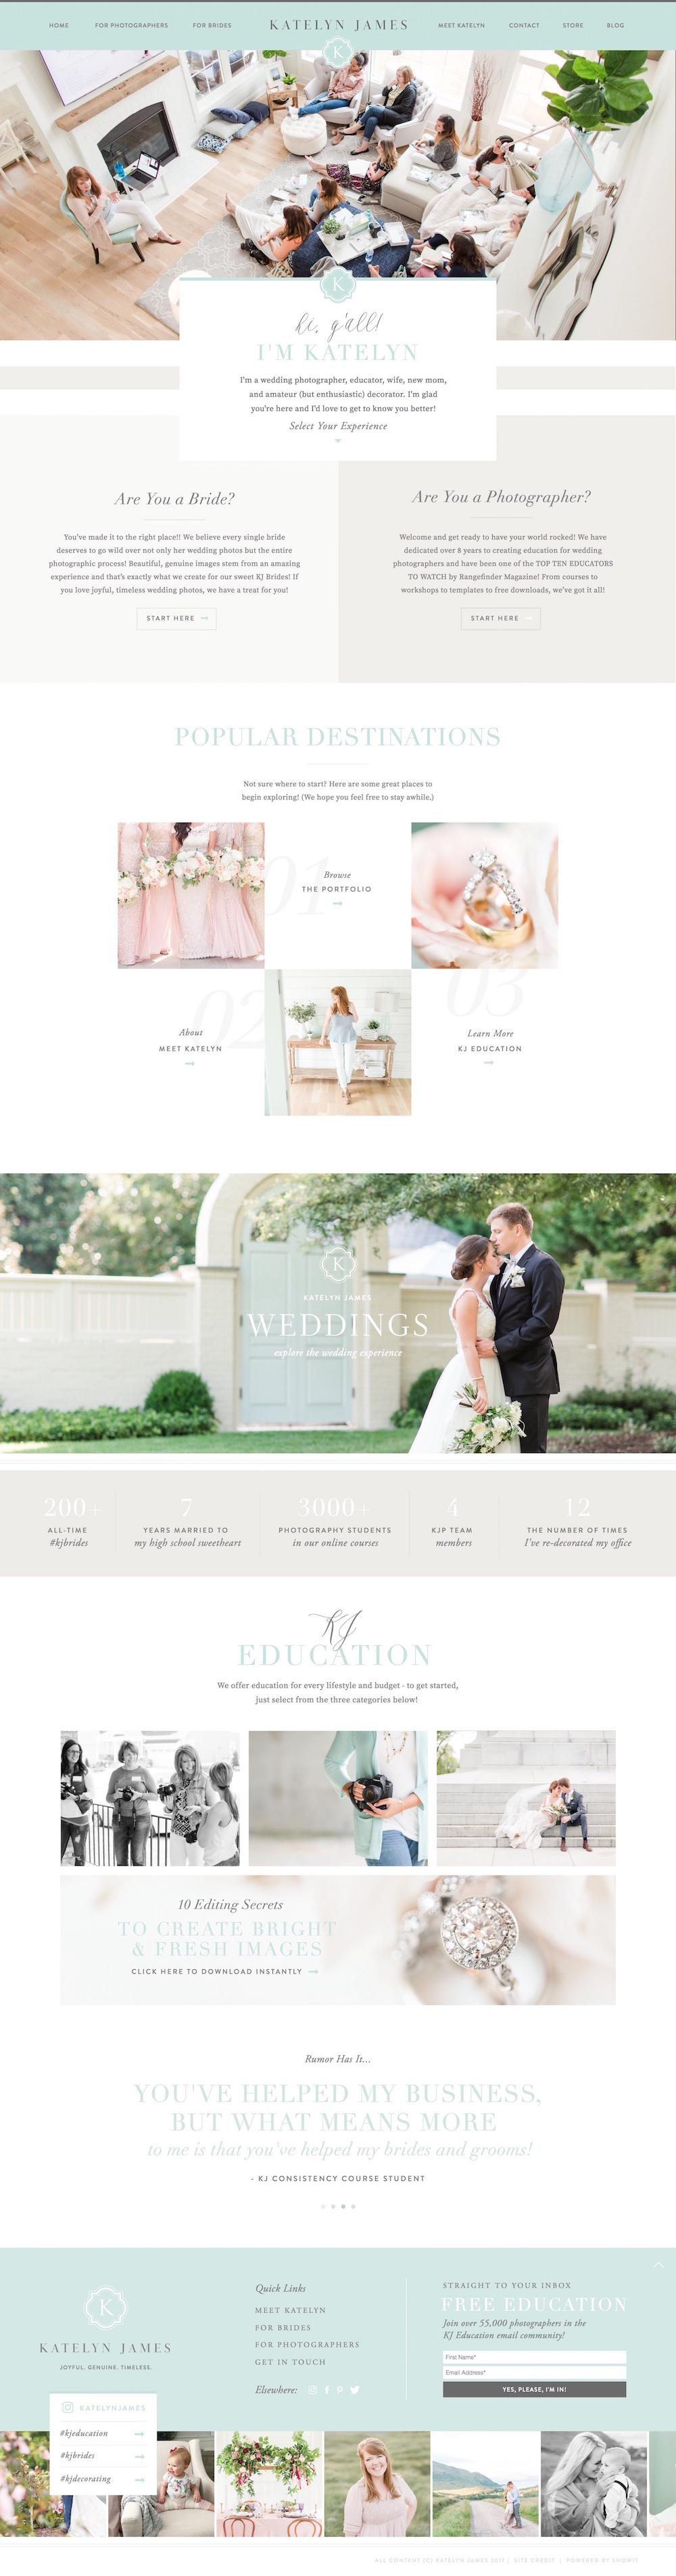 Katelyn James ShowIt website designed by Jen Olmstead.jpg